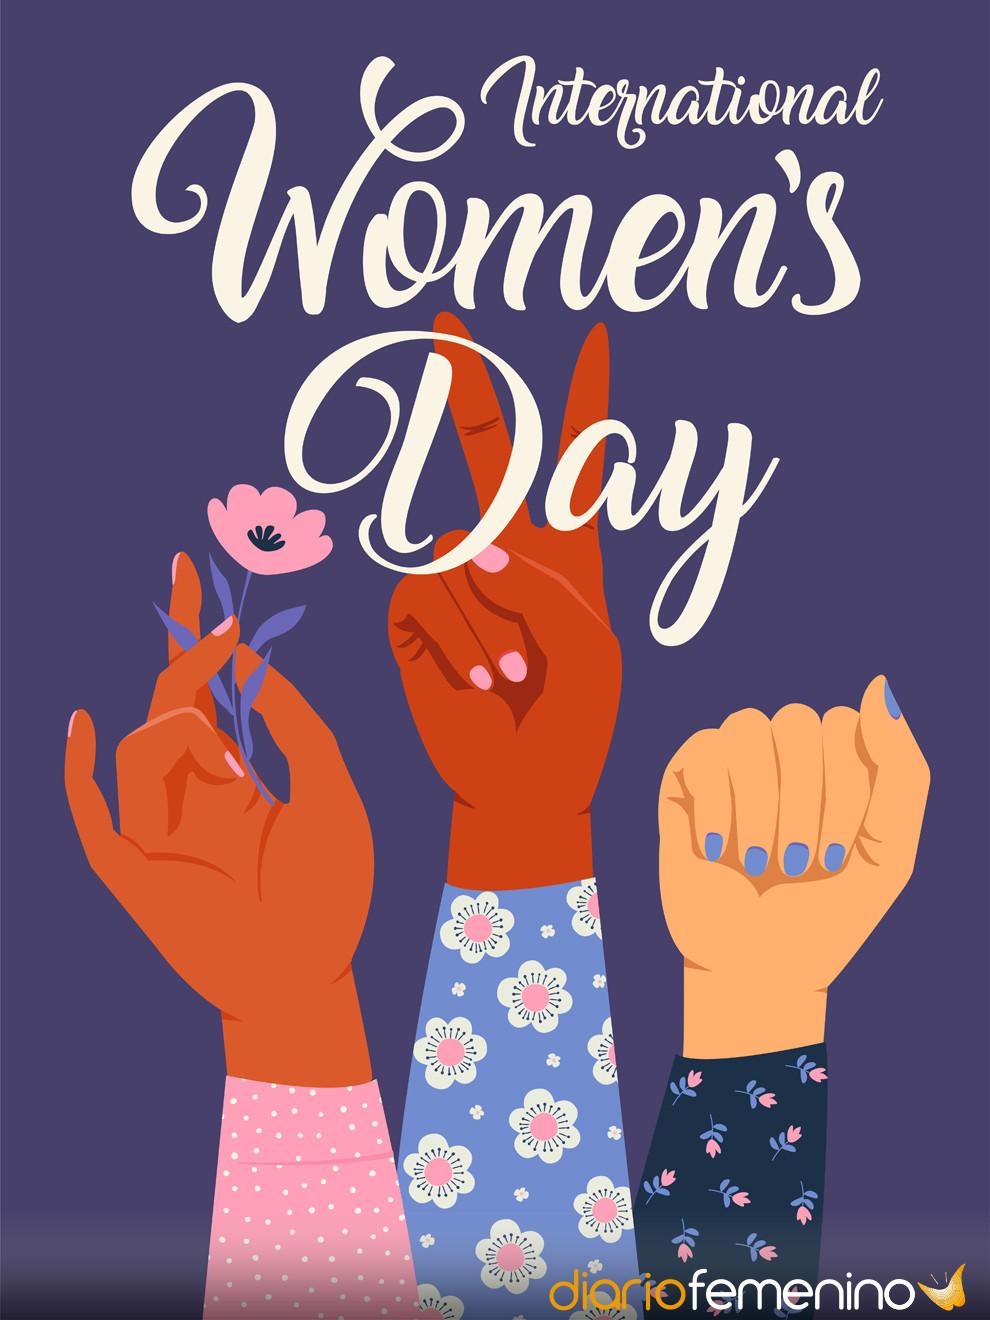 Día de la Mujer 2019: la mejor tarjeta para una mujer empoderada